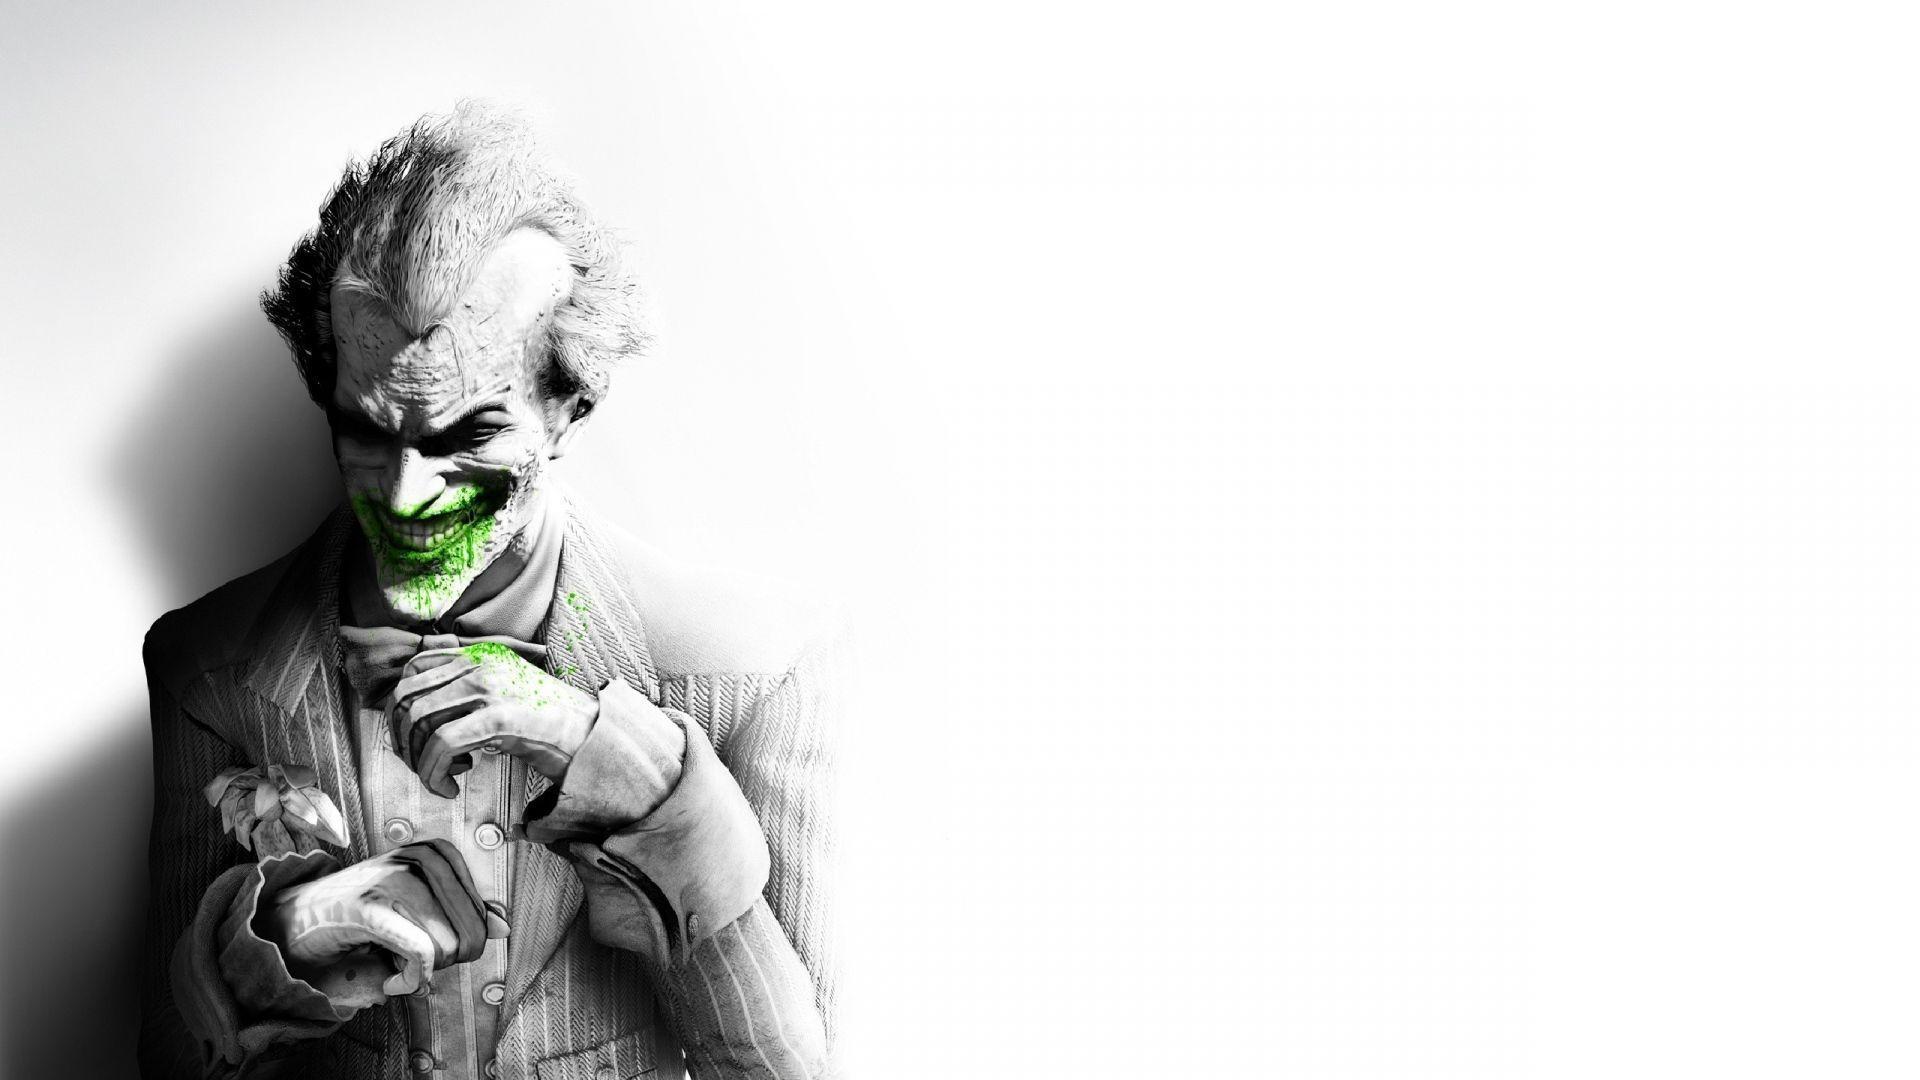 Joker Arkham Wallpapers Top Free Joker Arkham Backgrounds Wallpaperaccess